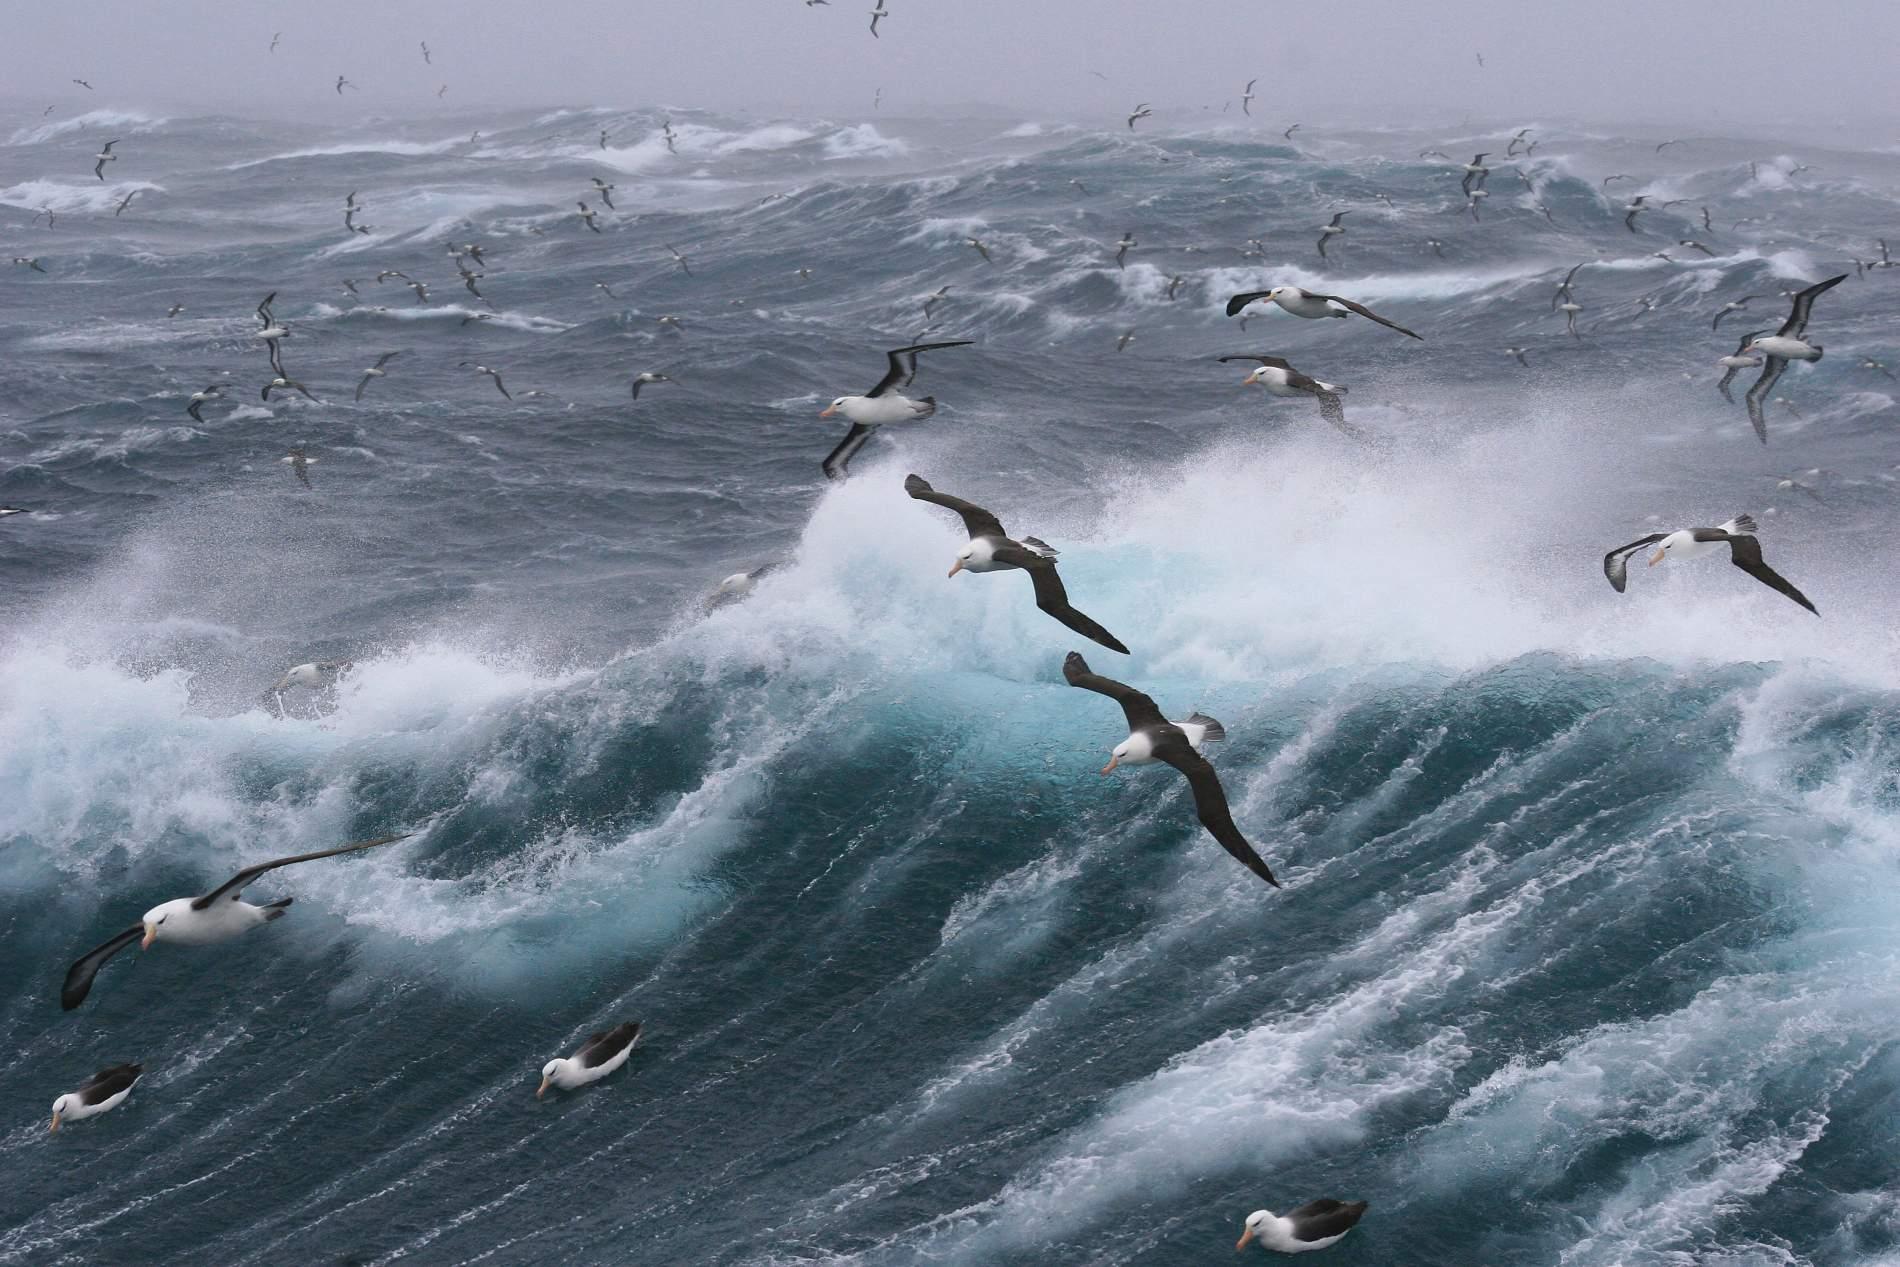 Cómo viajar a las Islas Malvinas siendo argentino (o no)